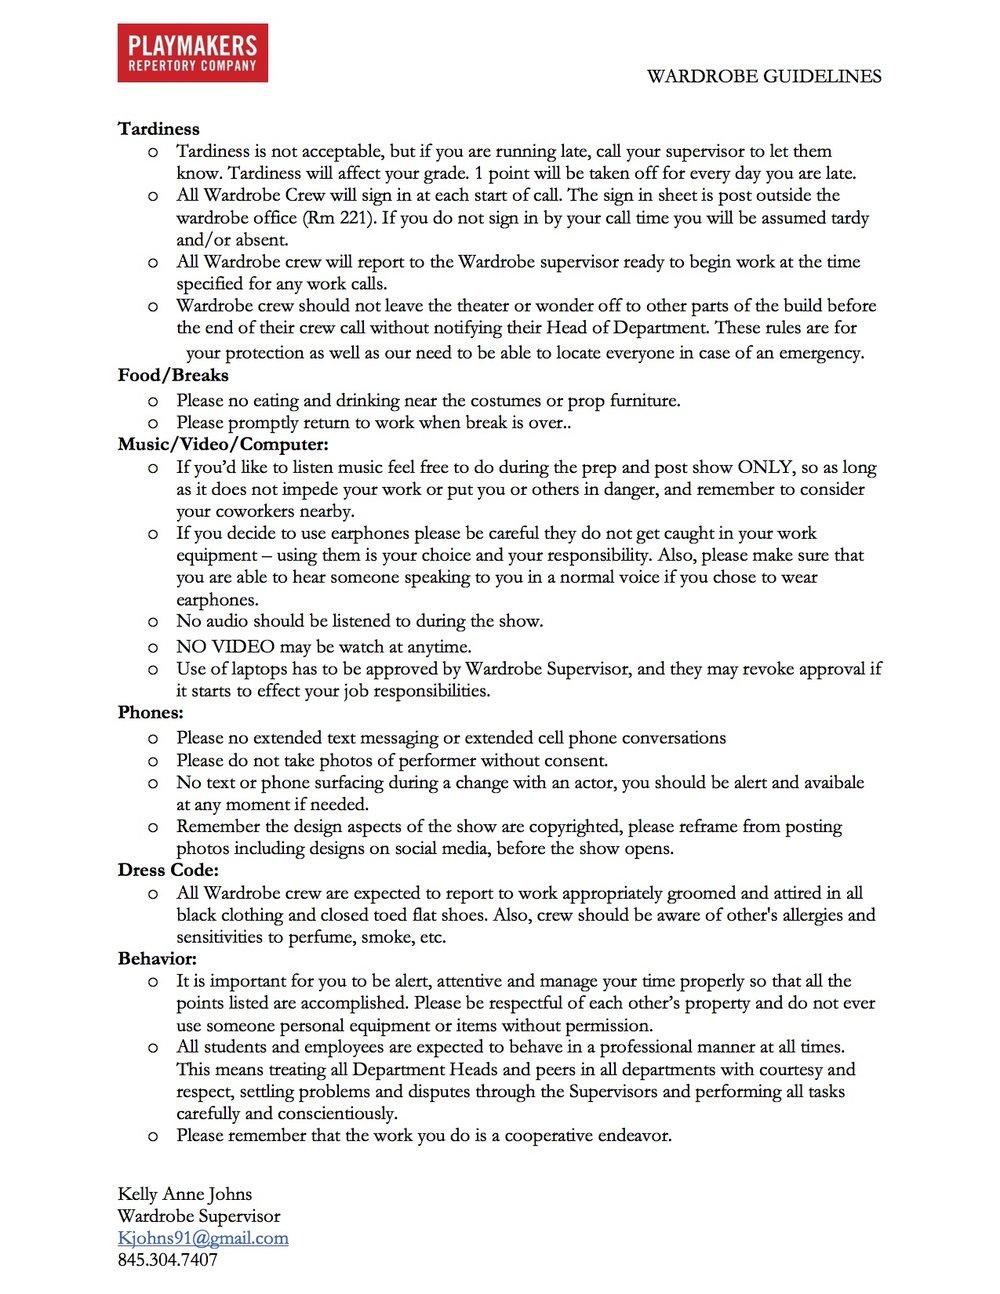 4 Wardrobe Guidelines 4.24.2018.jpg